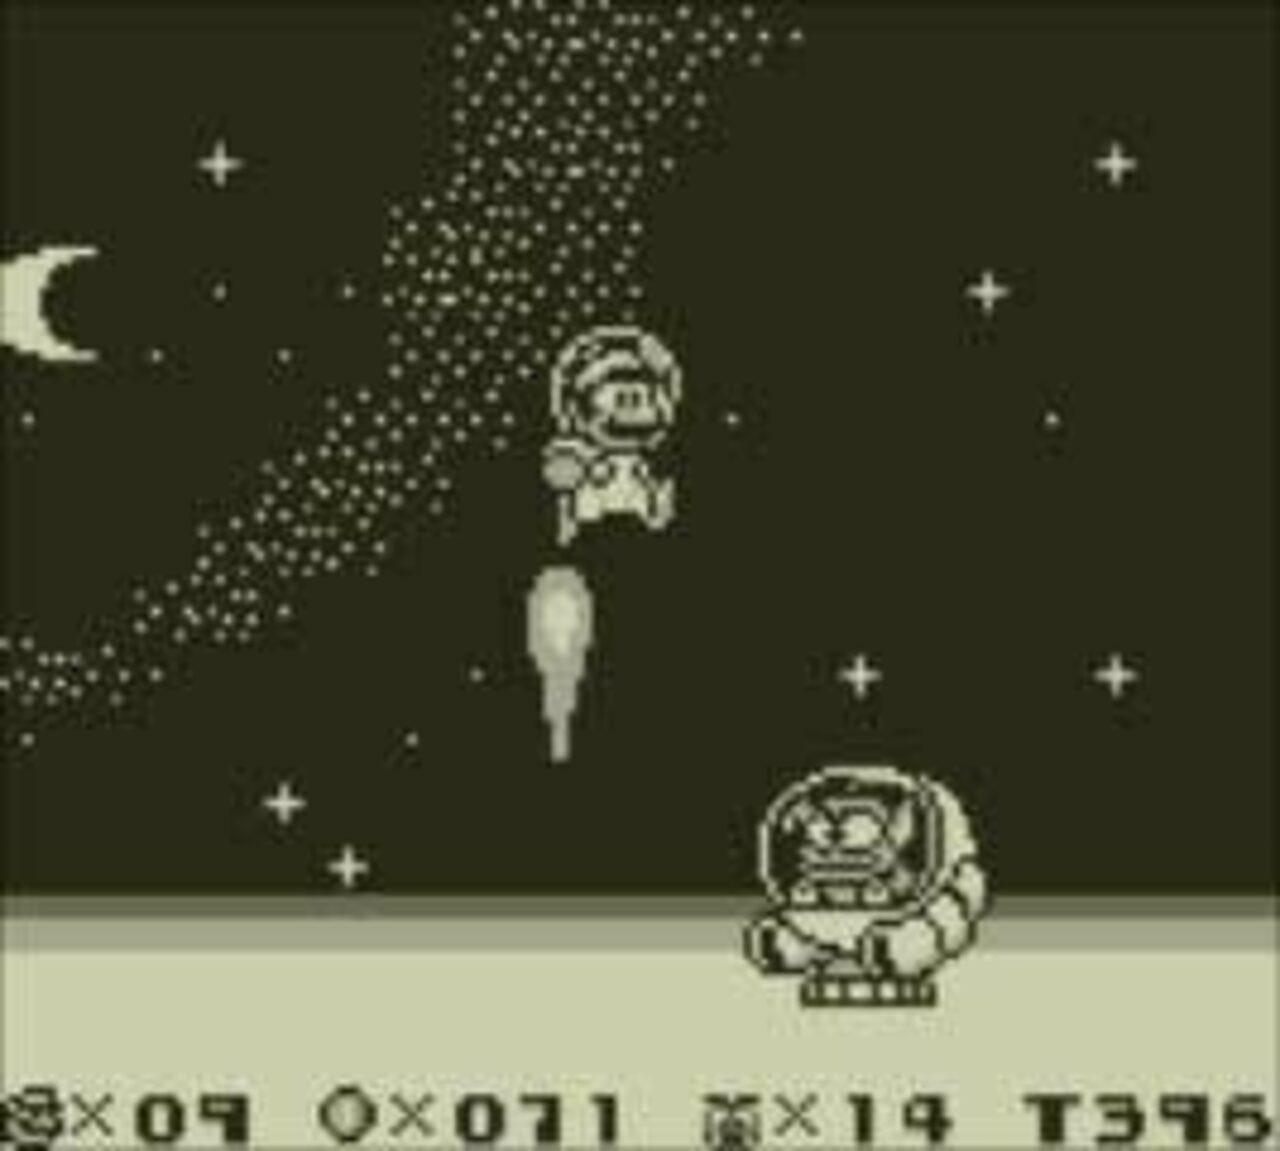 Super Mario Land 2: 6 Golden Coins Game Boy